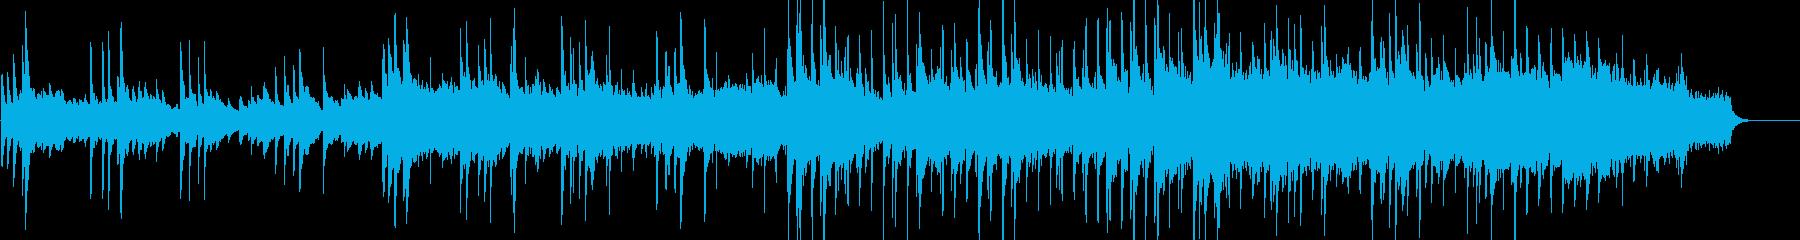 故郷を想う上品なピアノバラードの再生済みの波形